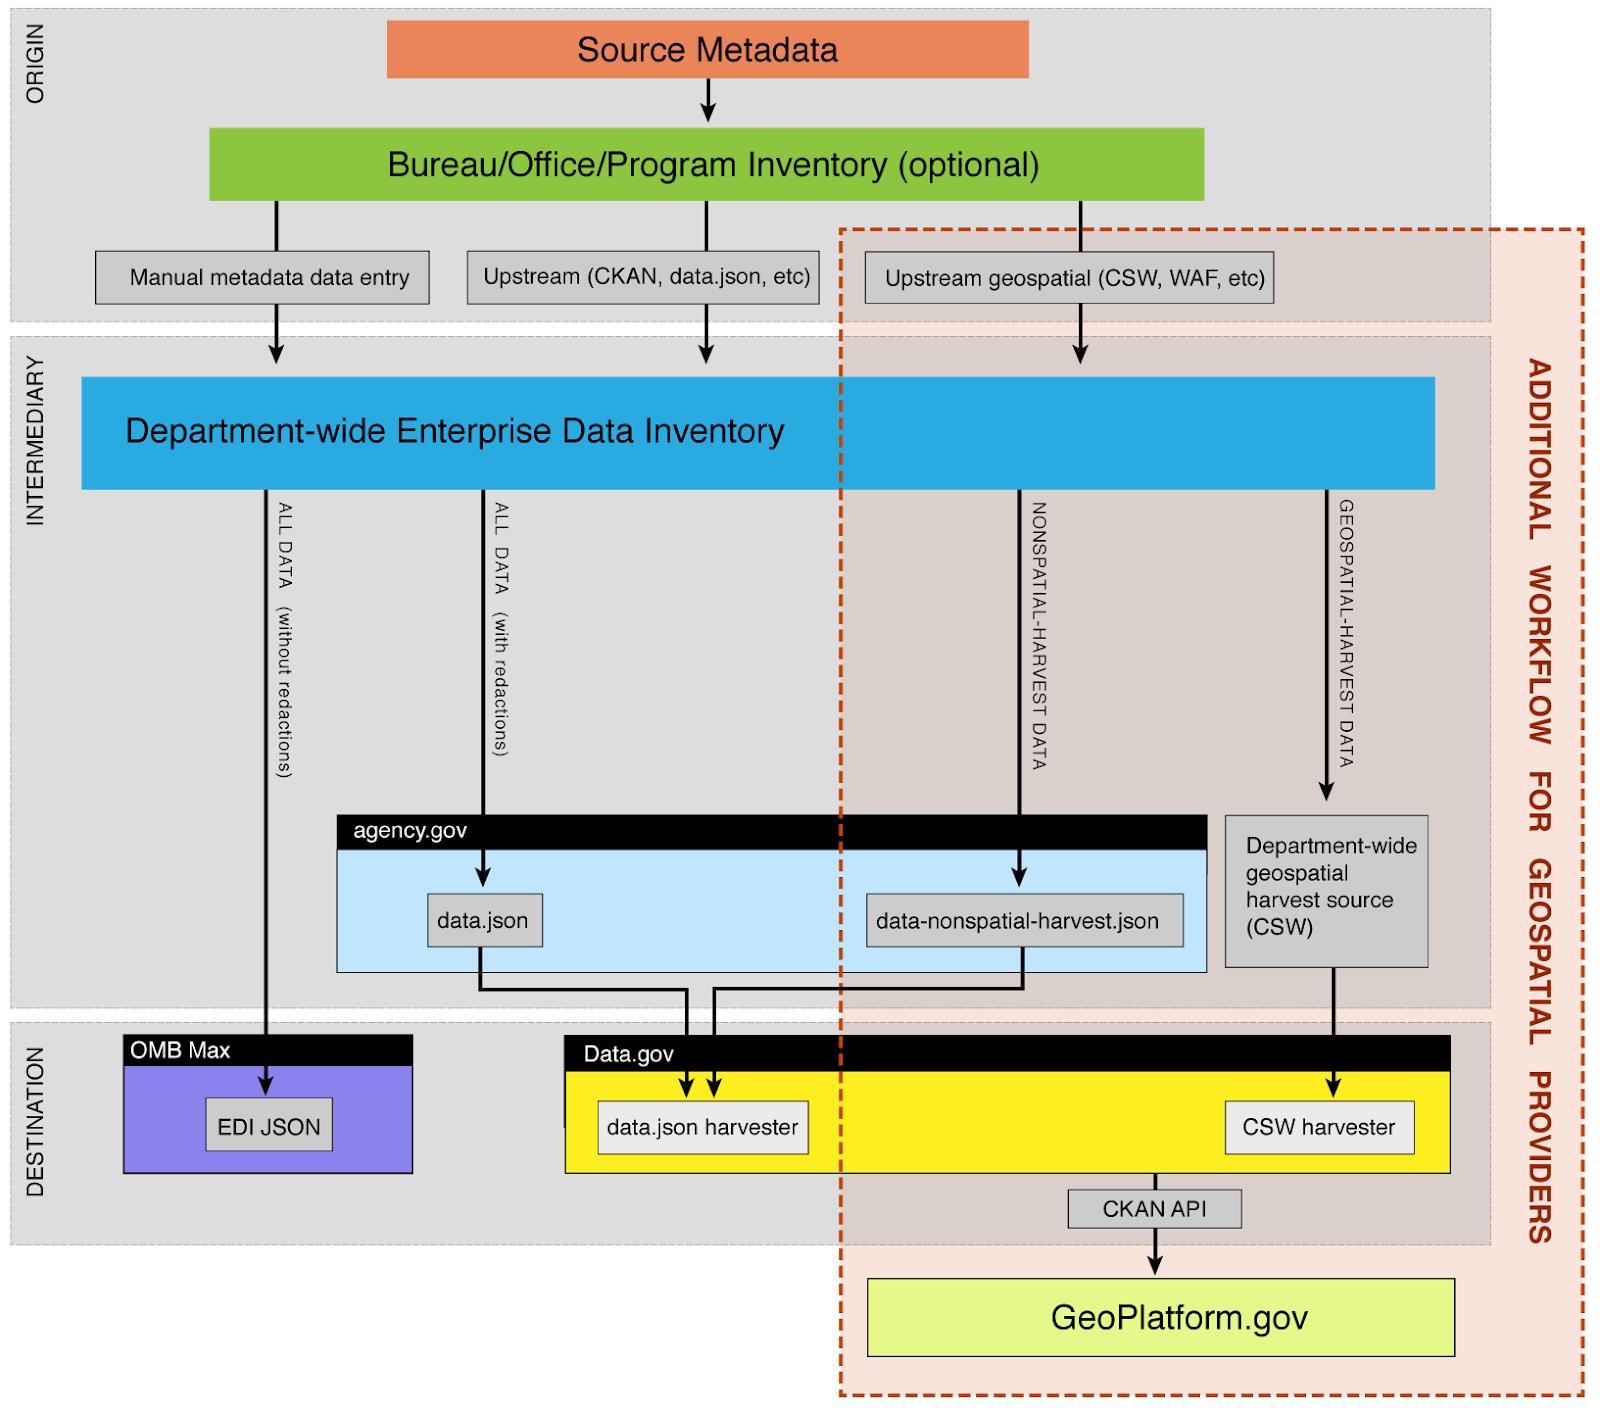 opendatagraphic